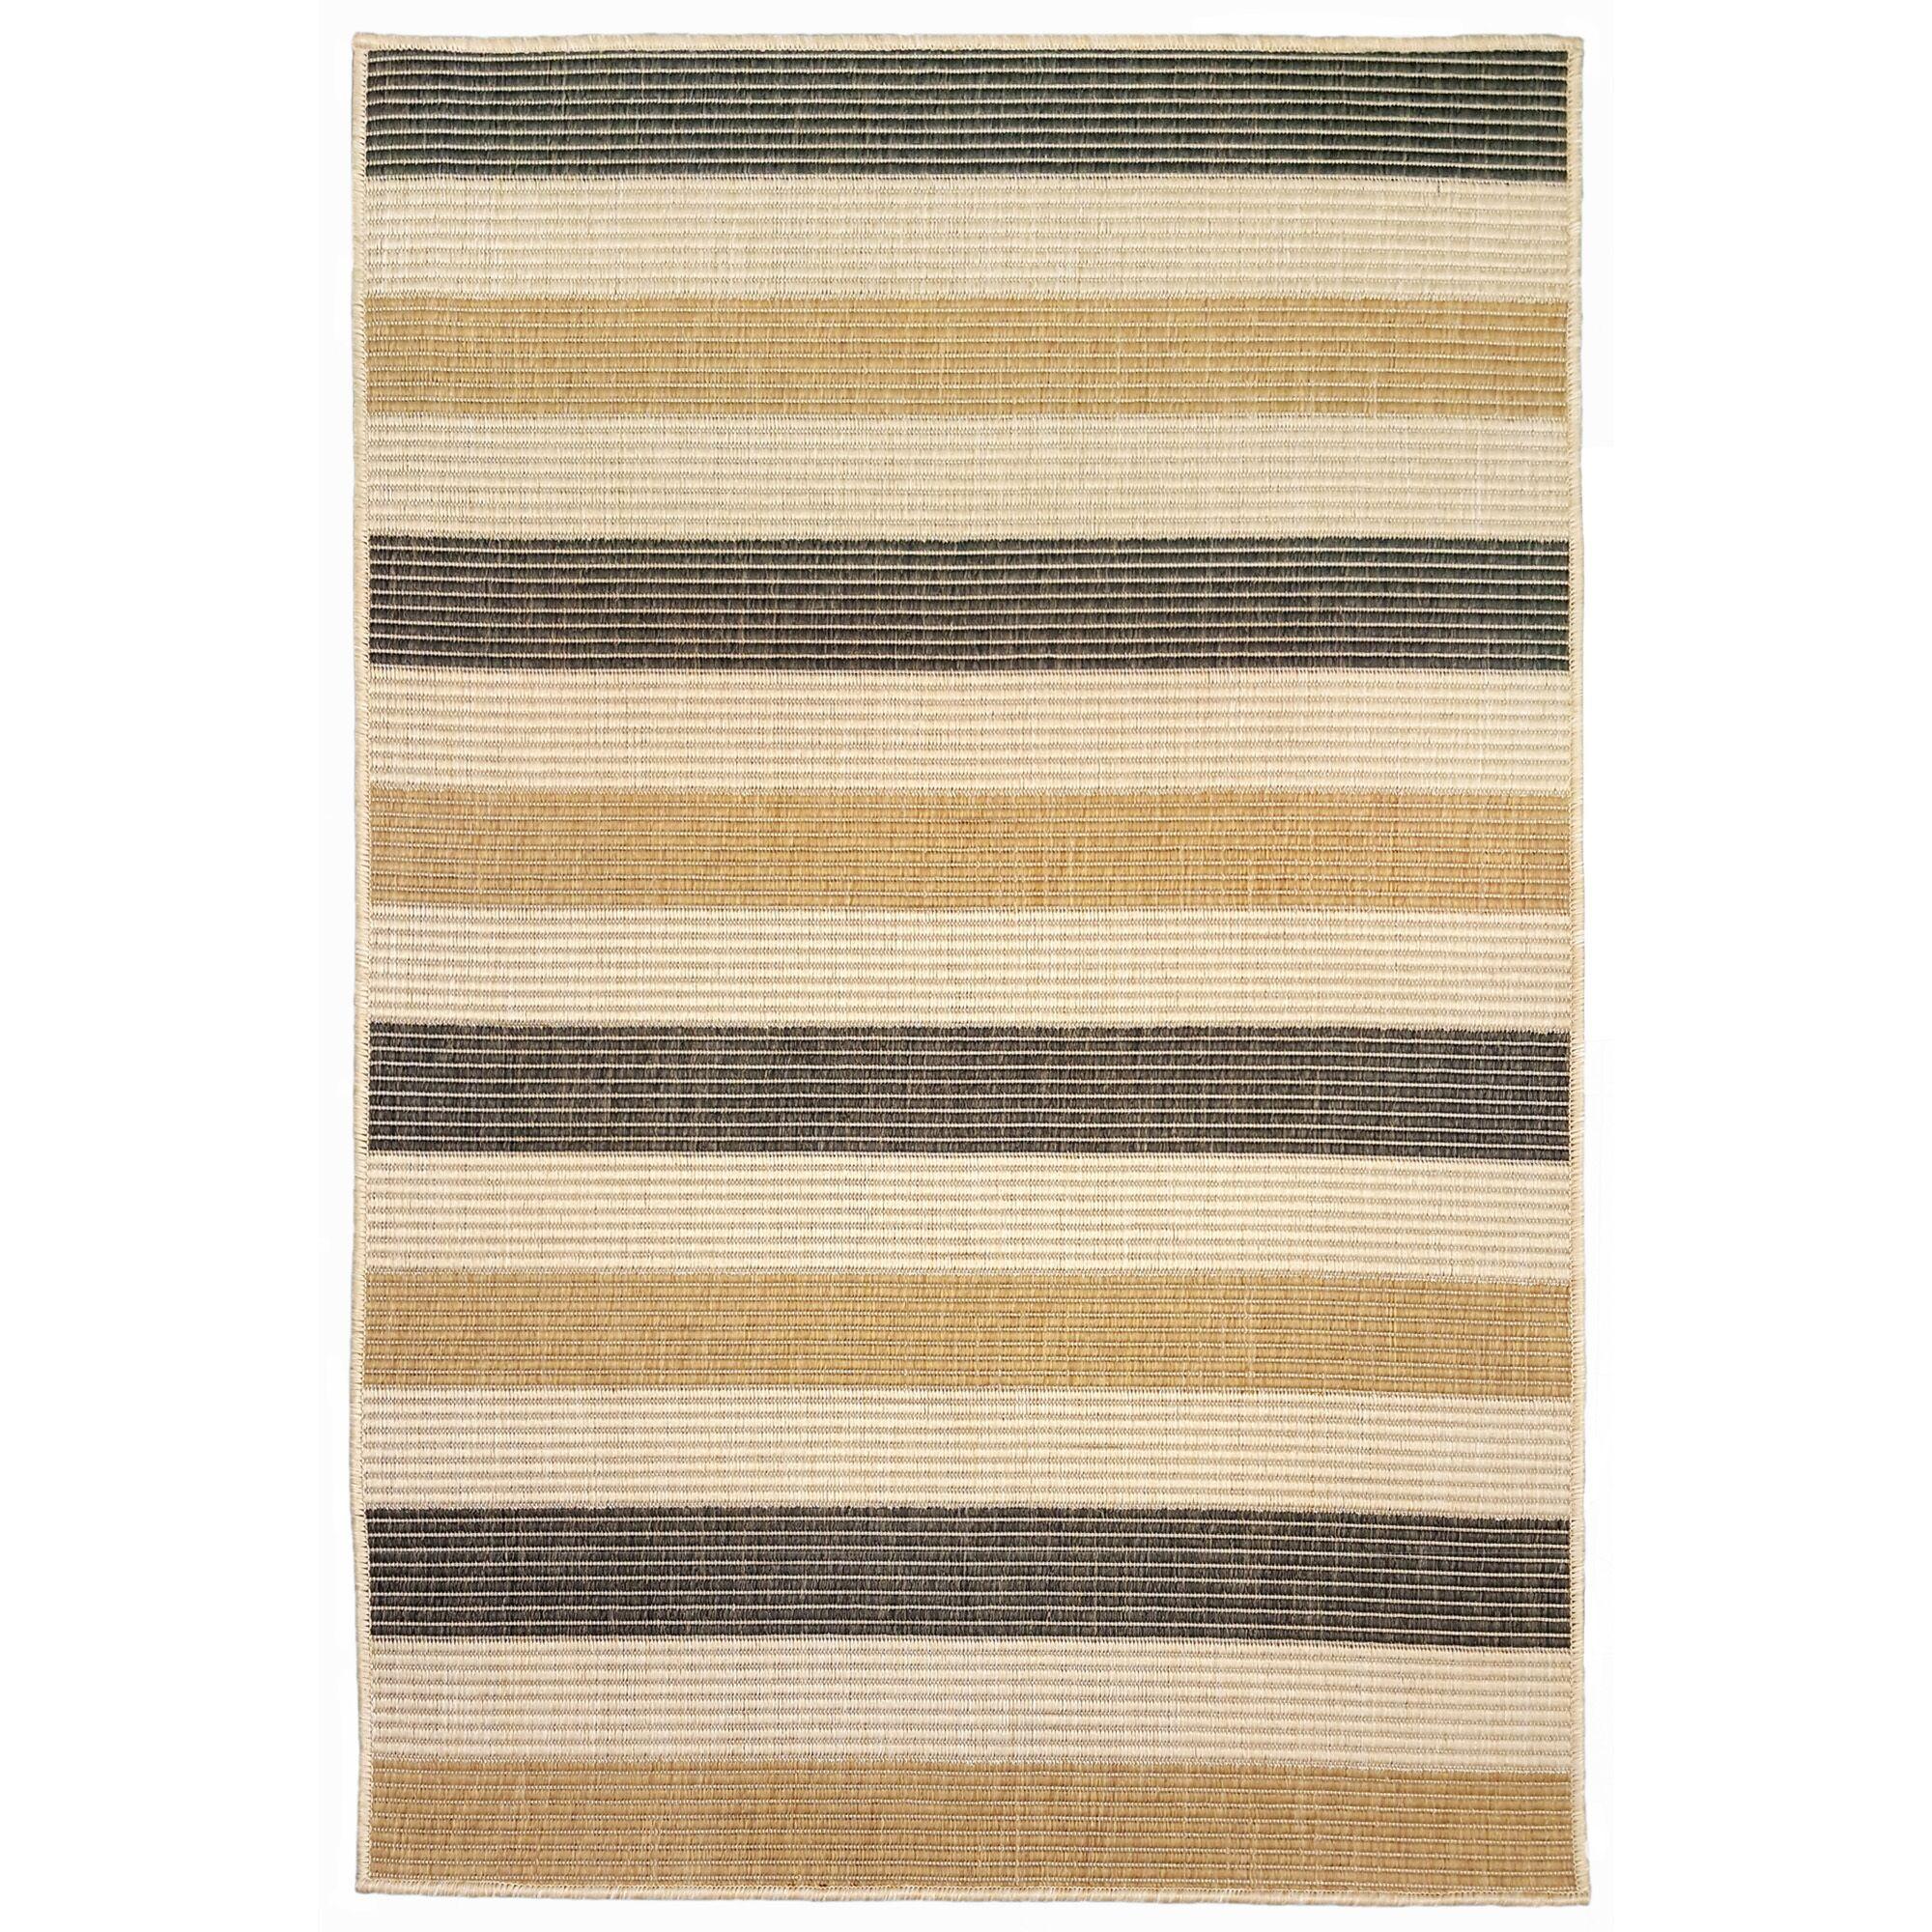 Larana Stripe Beige/Gray Indoor/Outdoor Area Rug Rug Size: Rectangle 4'10